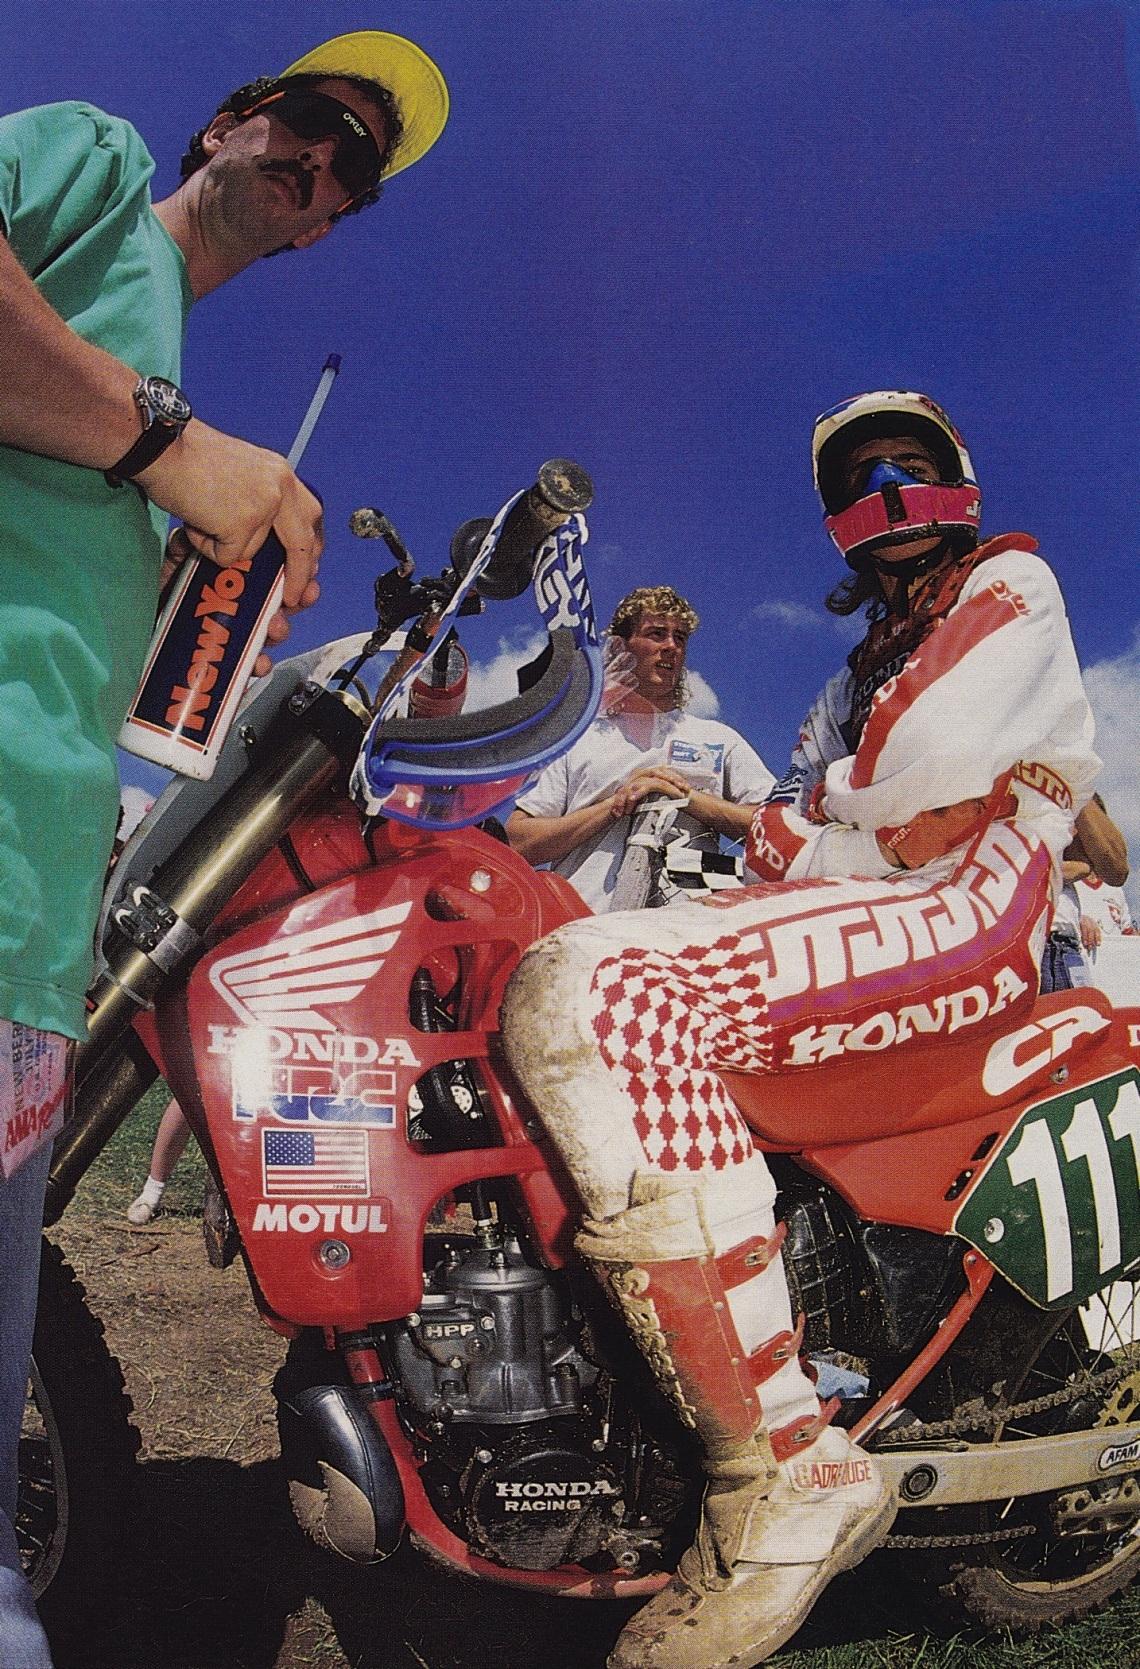 1989 Unadilla USGP Jean-Michel Bayle